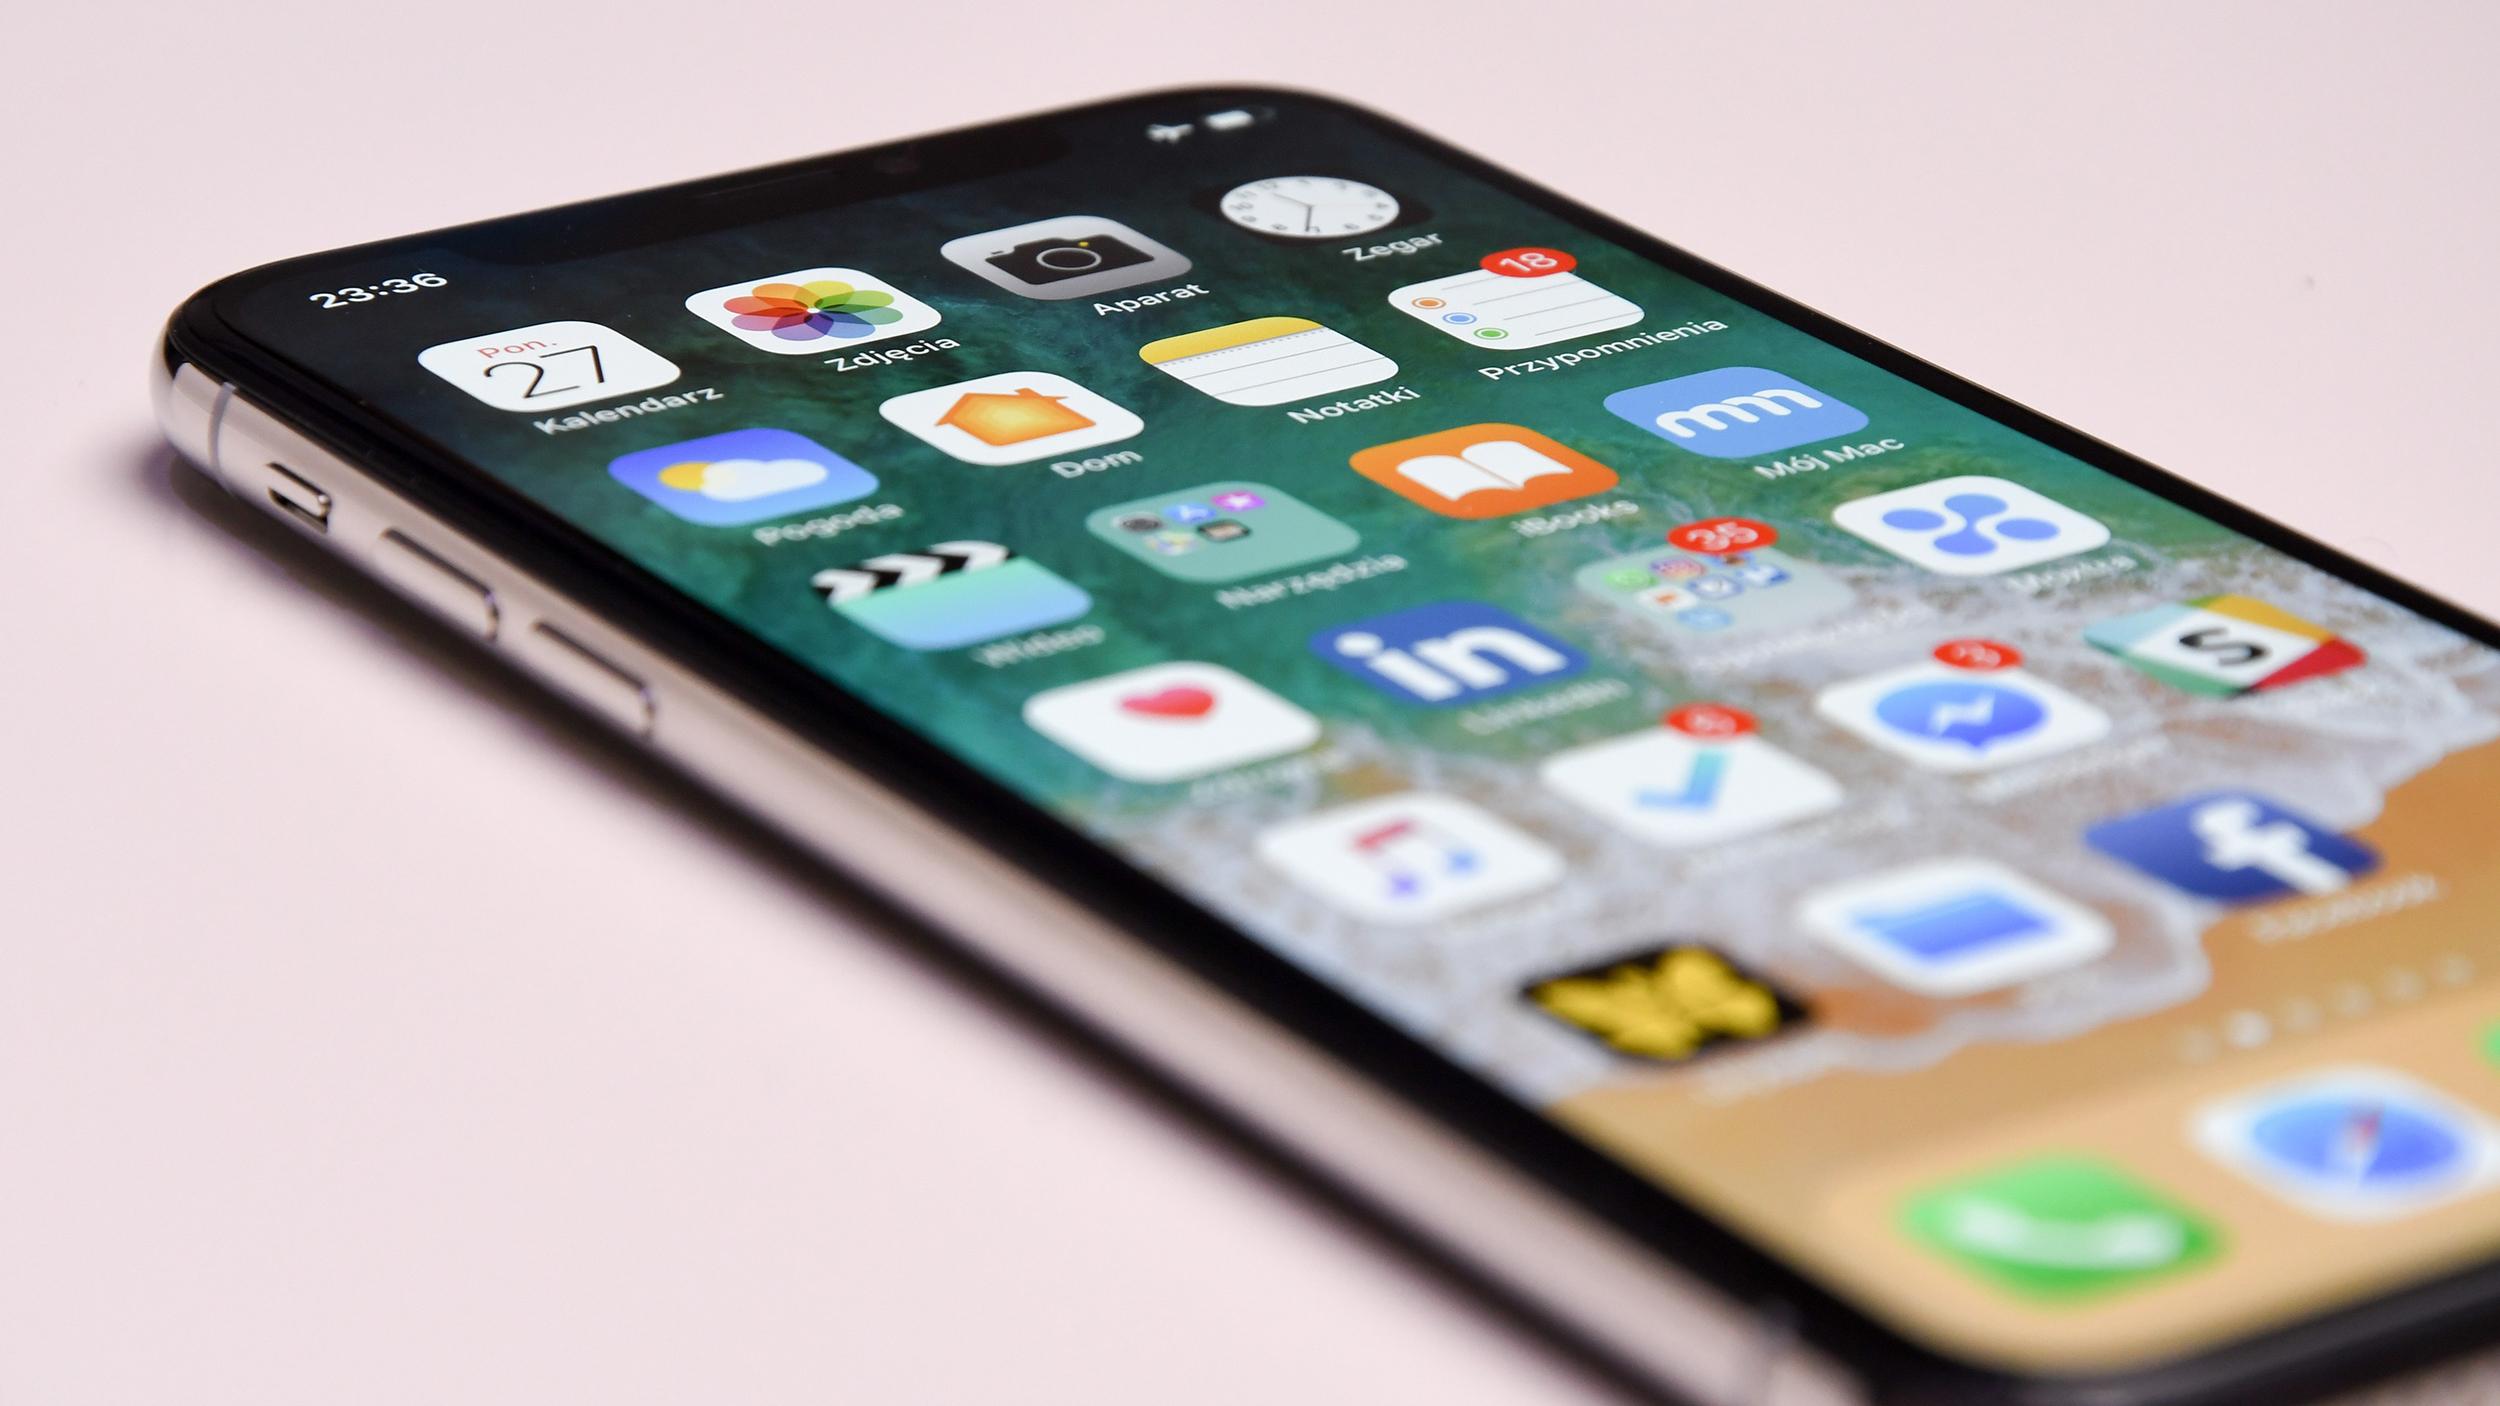 Como configurar o Tempo de Uso do iPhone [Ativar e Desativar]   Celular   Tecnoblog